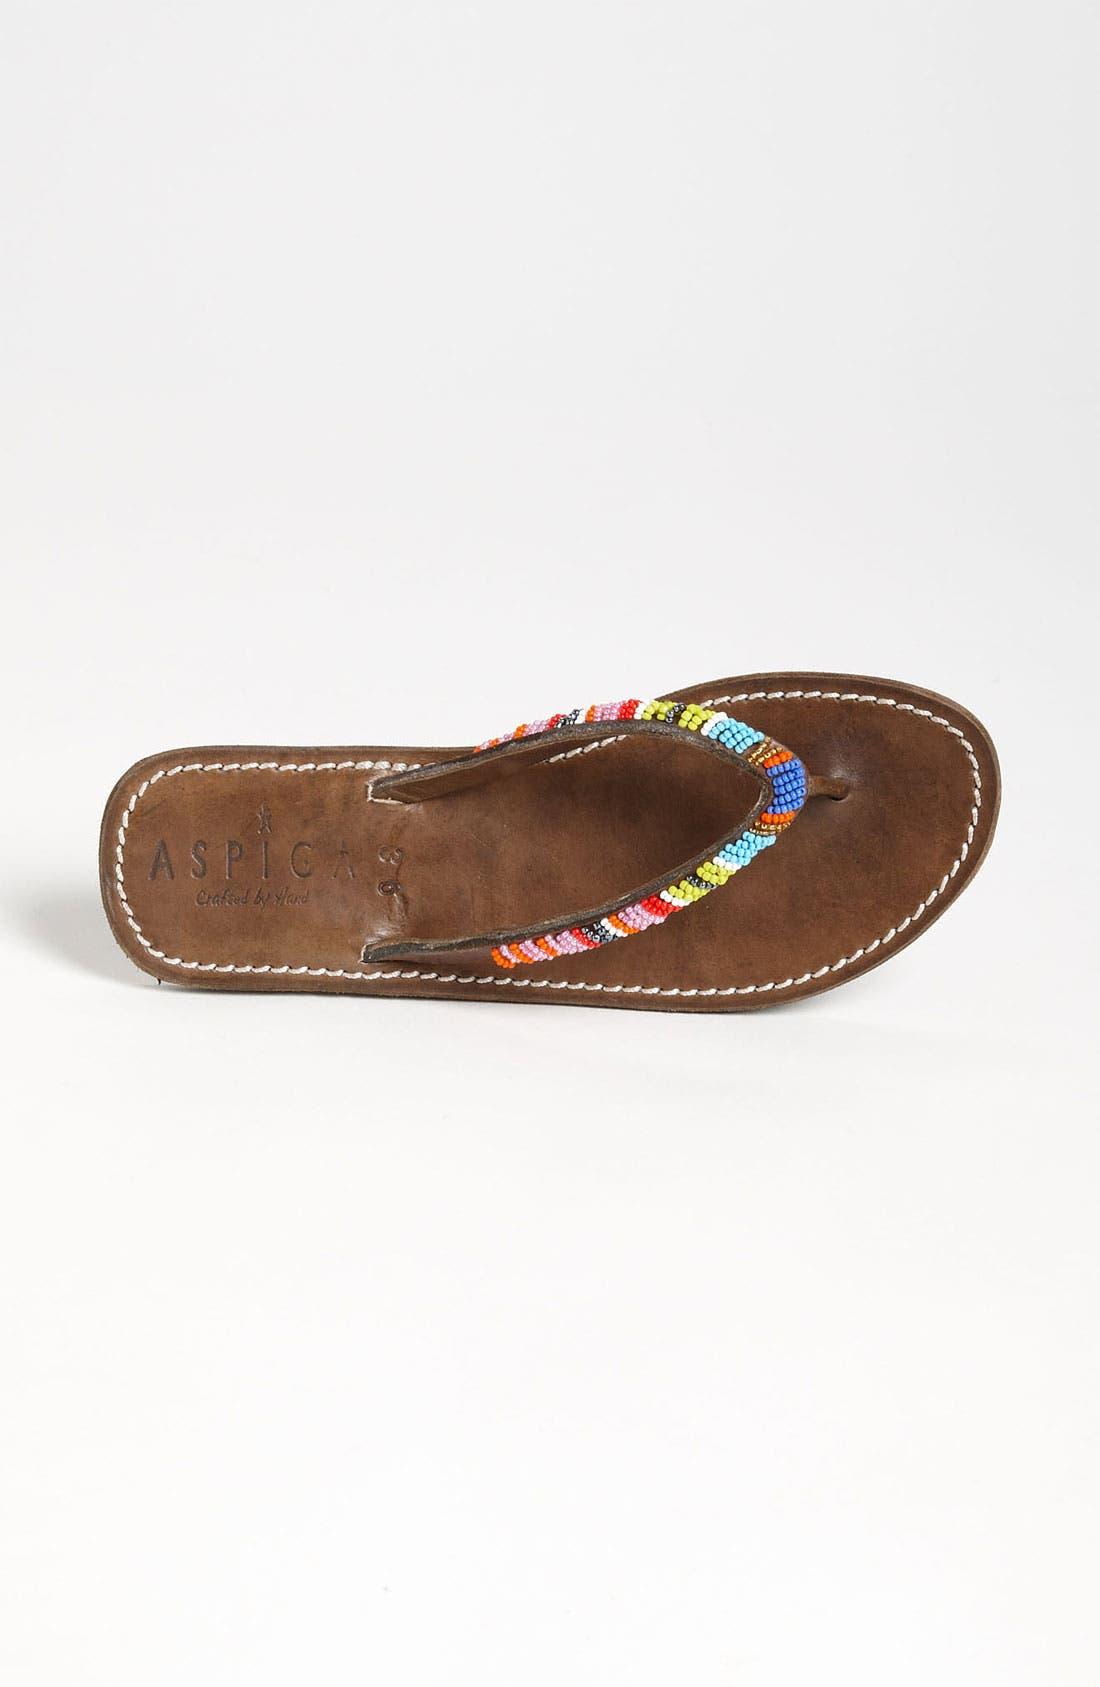 Alternate Image 3  - Aspiga 'Classic' Sandal